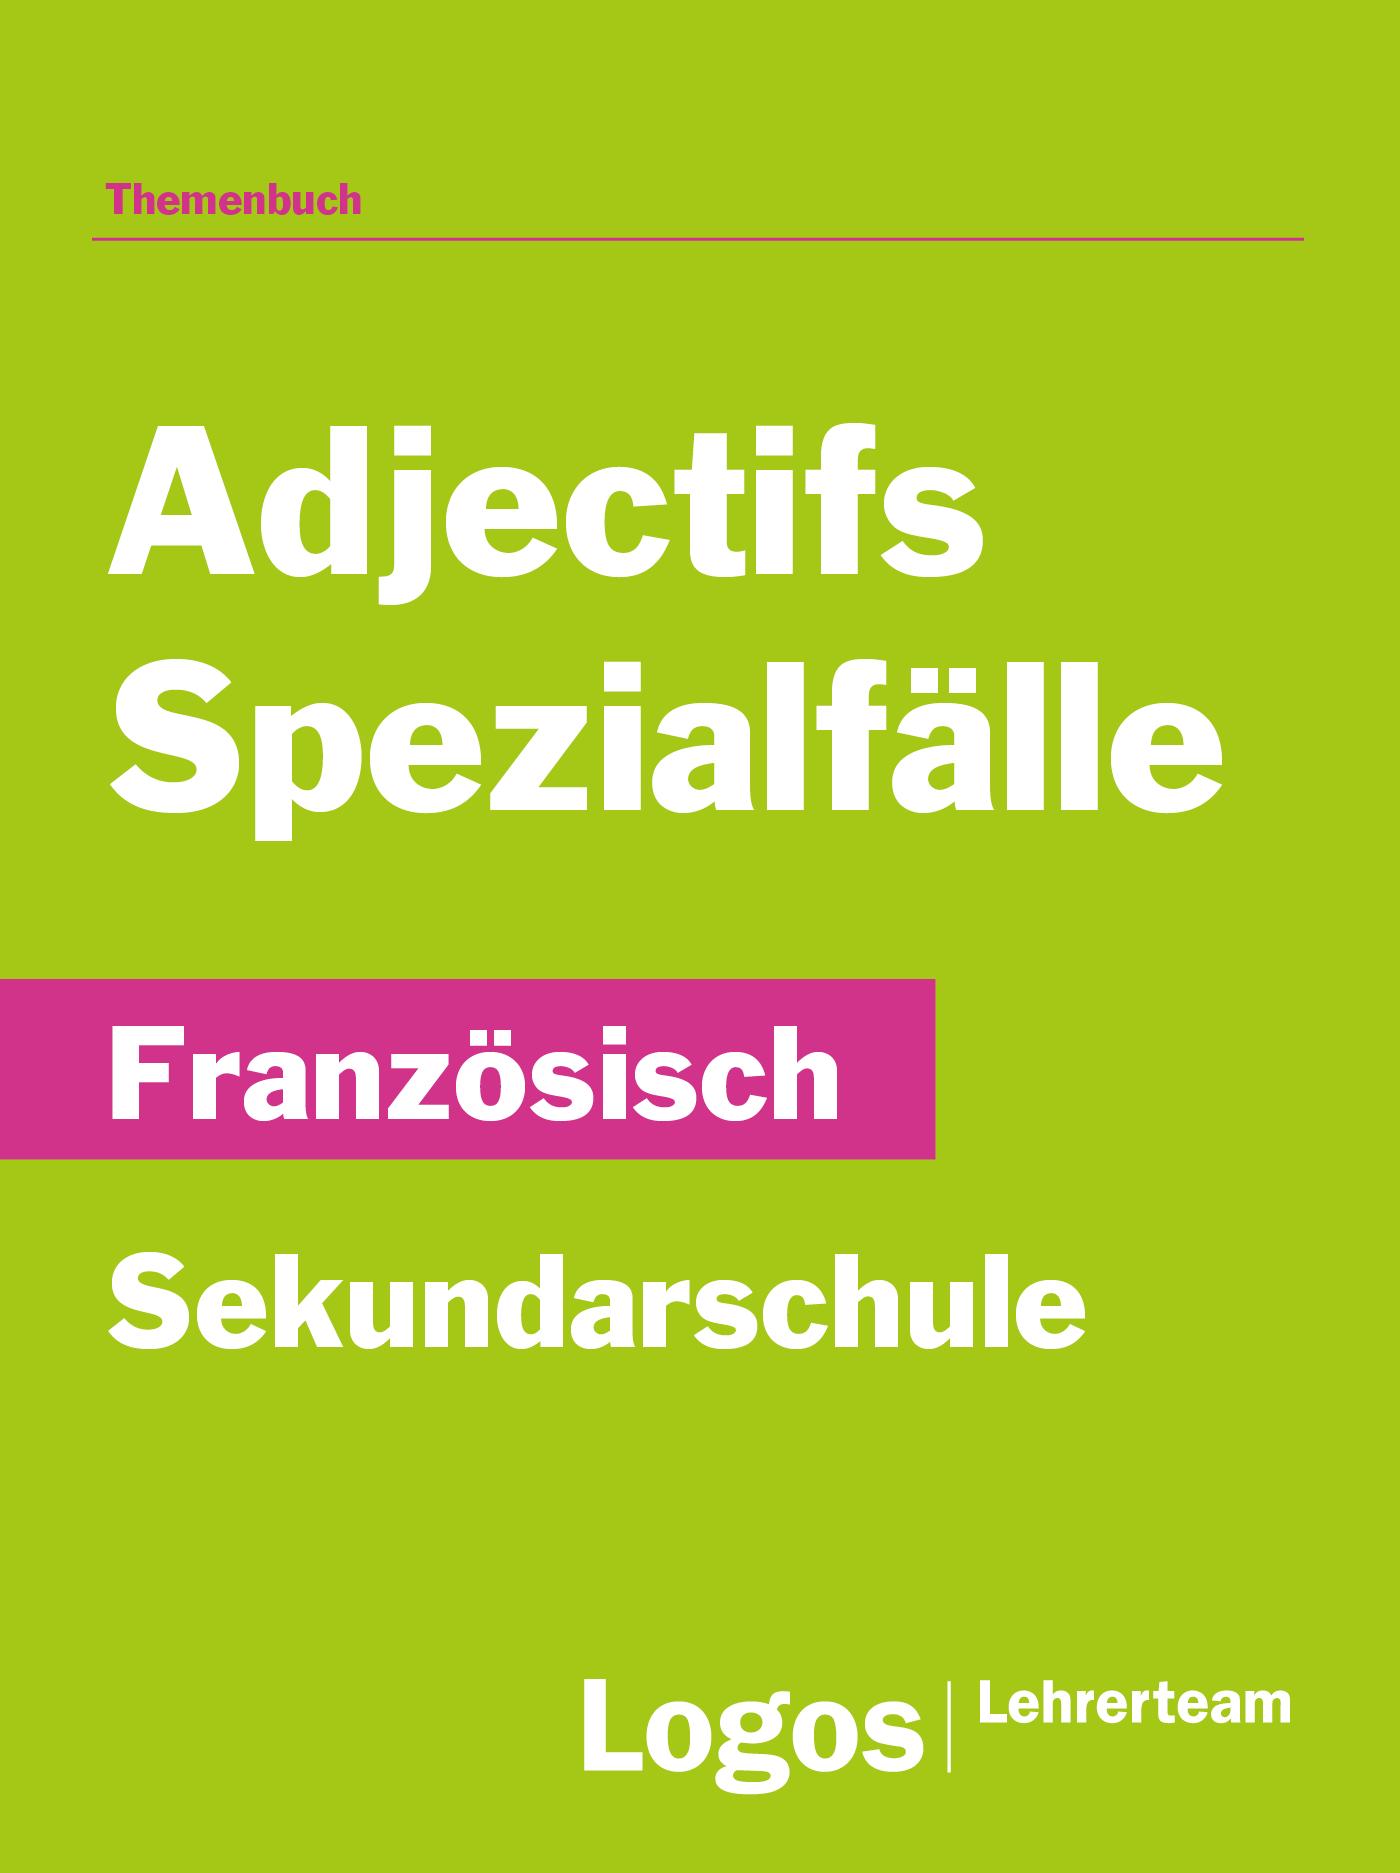 Französisch Adjectifs Spezialfälle - Sekundar